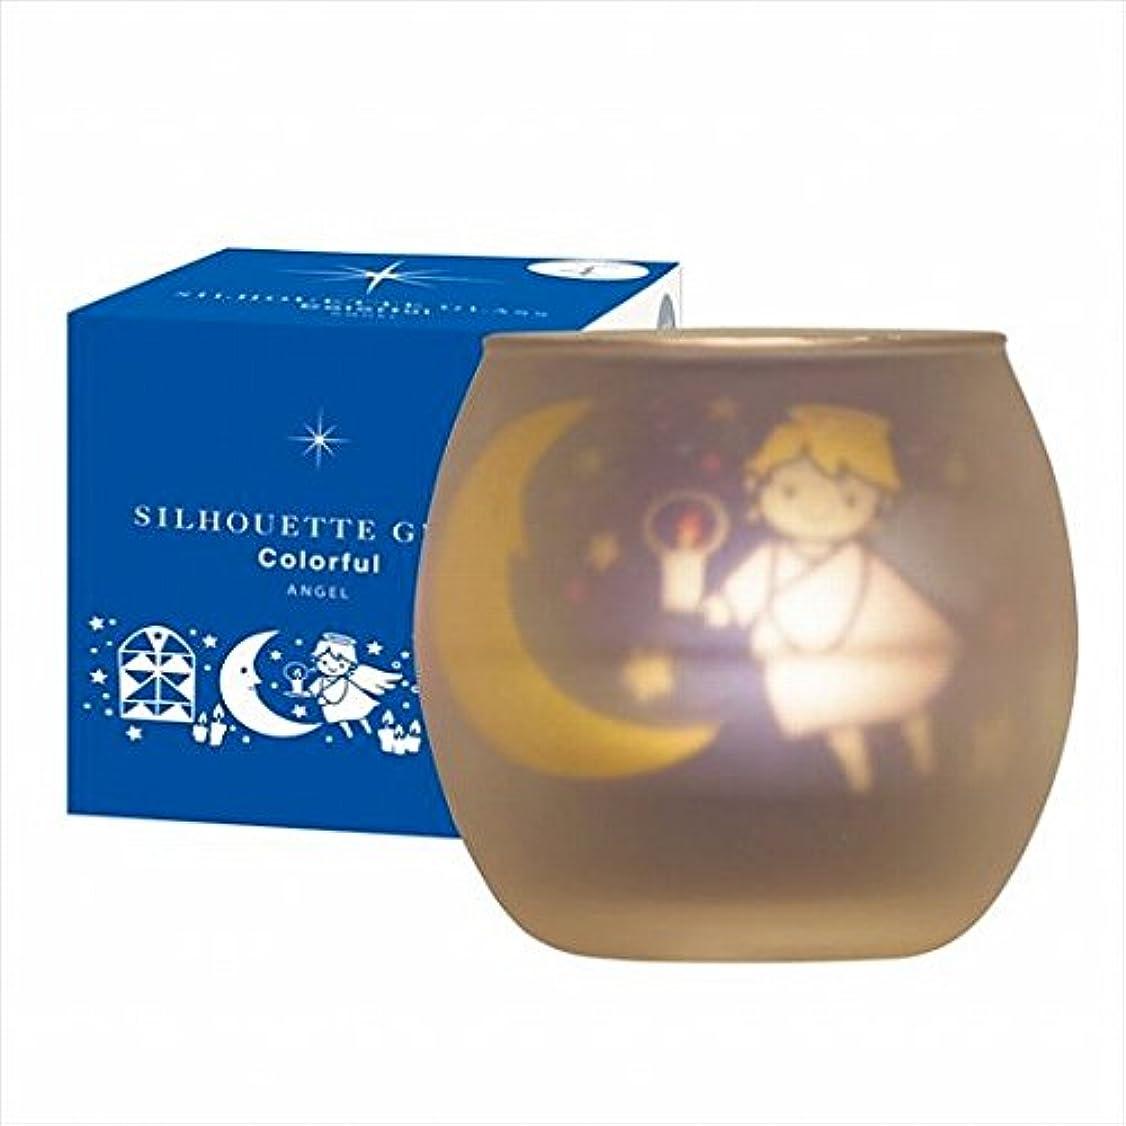 ビン独占山カメヤマキャンドル(kameyama candle) シルエットグラスカラフルエンジェル【キャンドル4個付き】